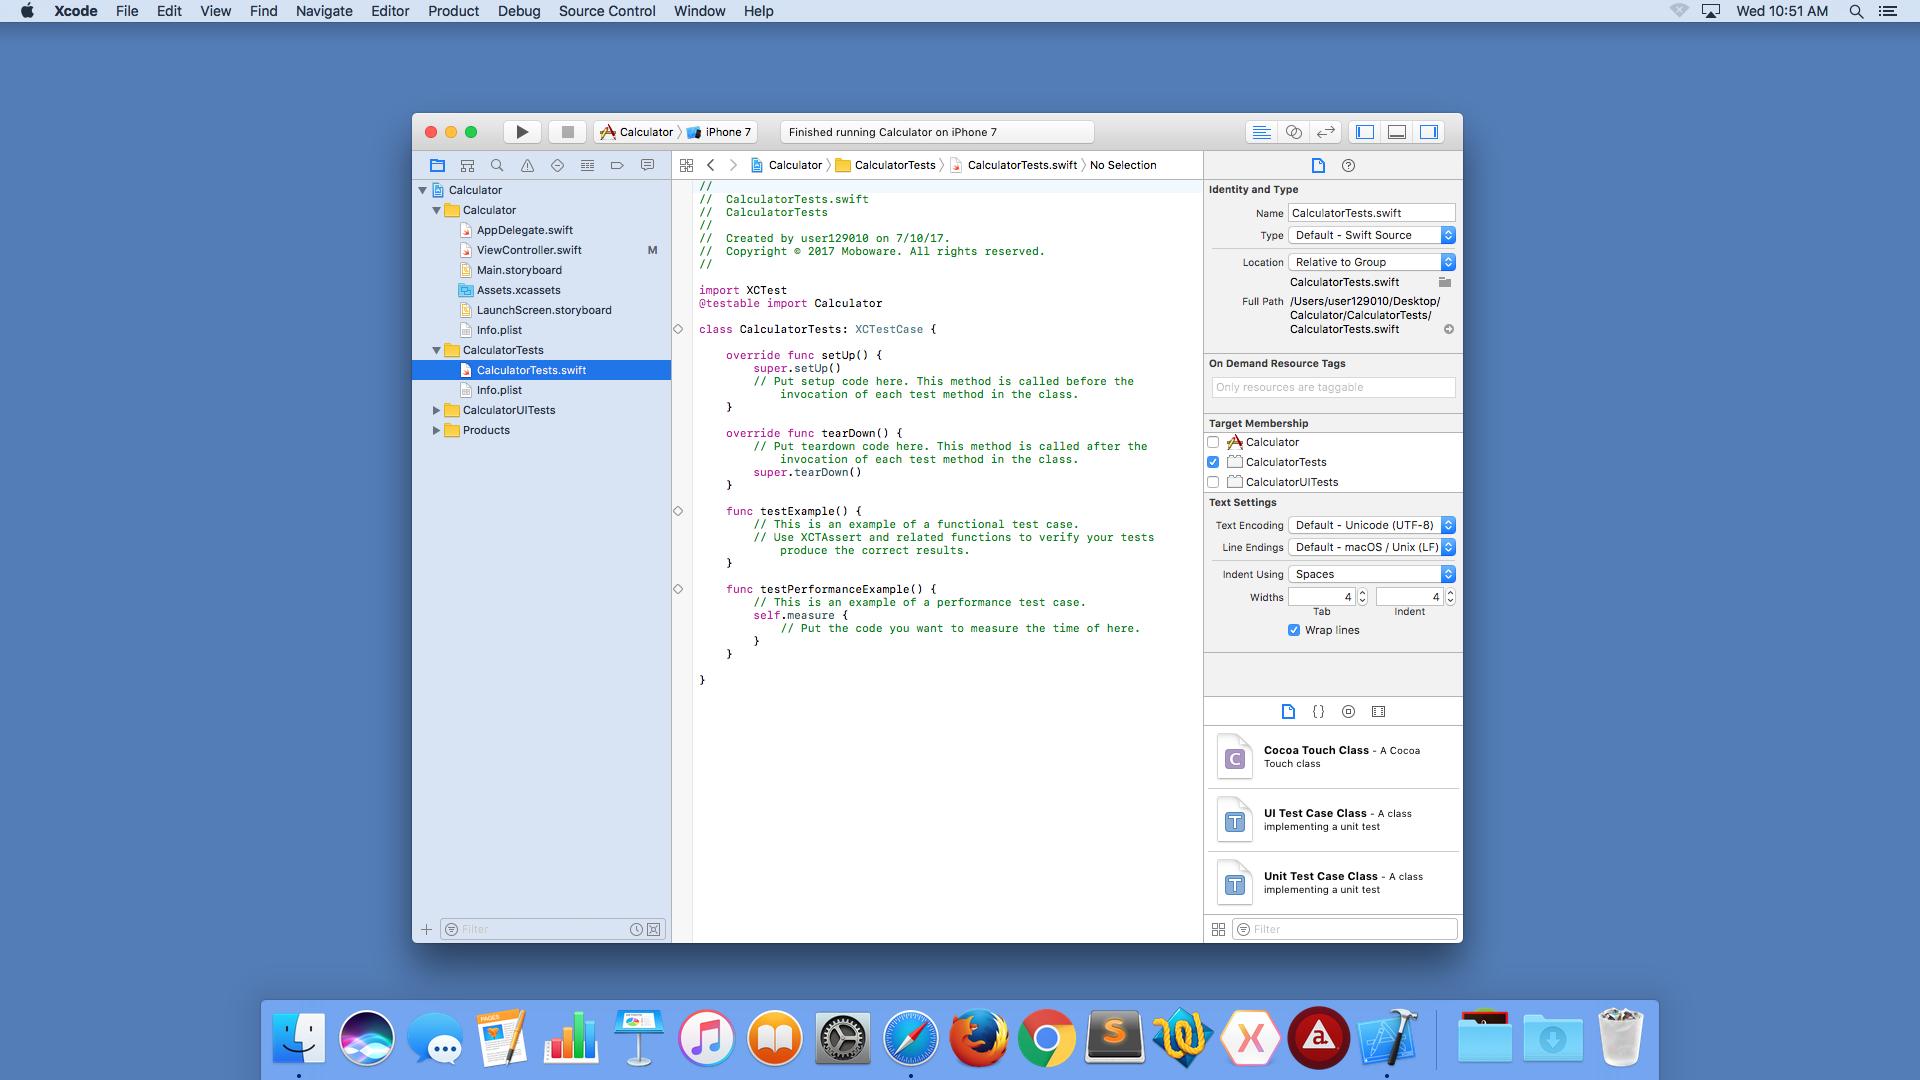 MacinCloud - Xcode